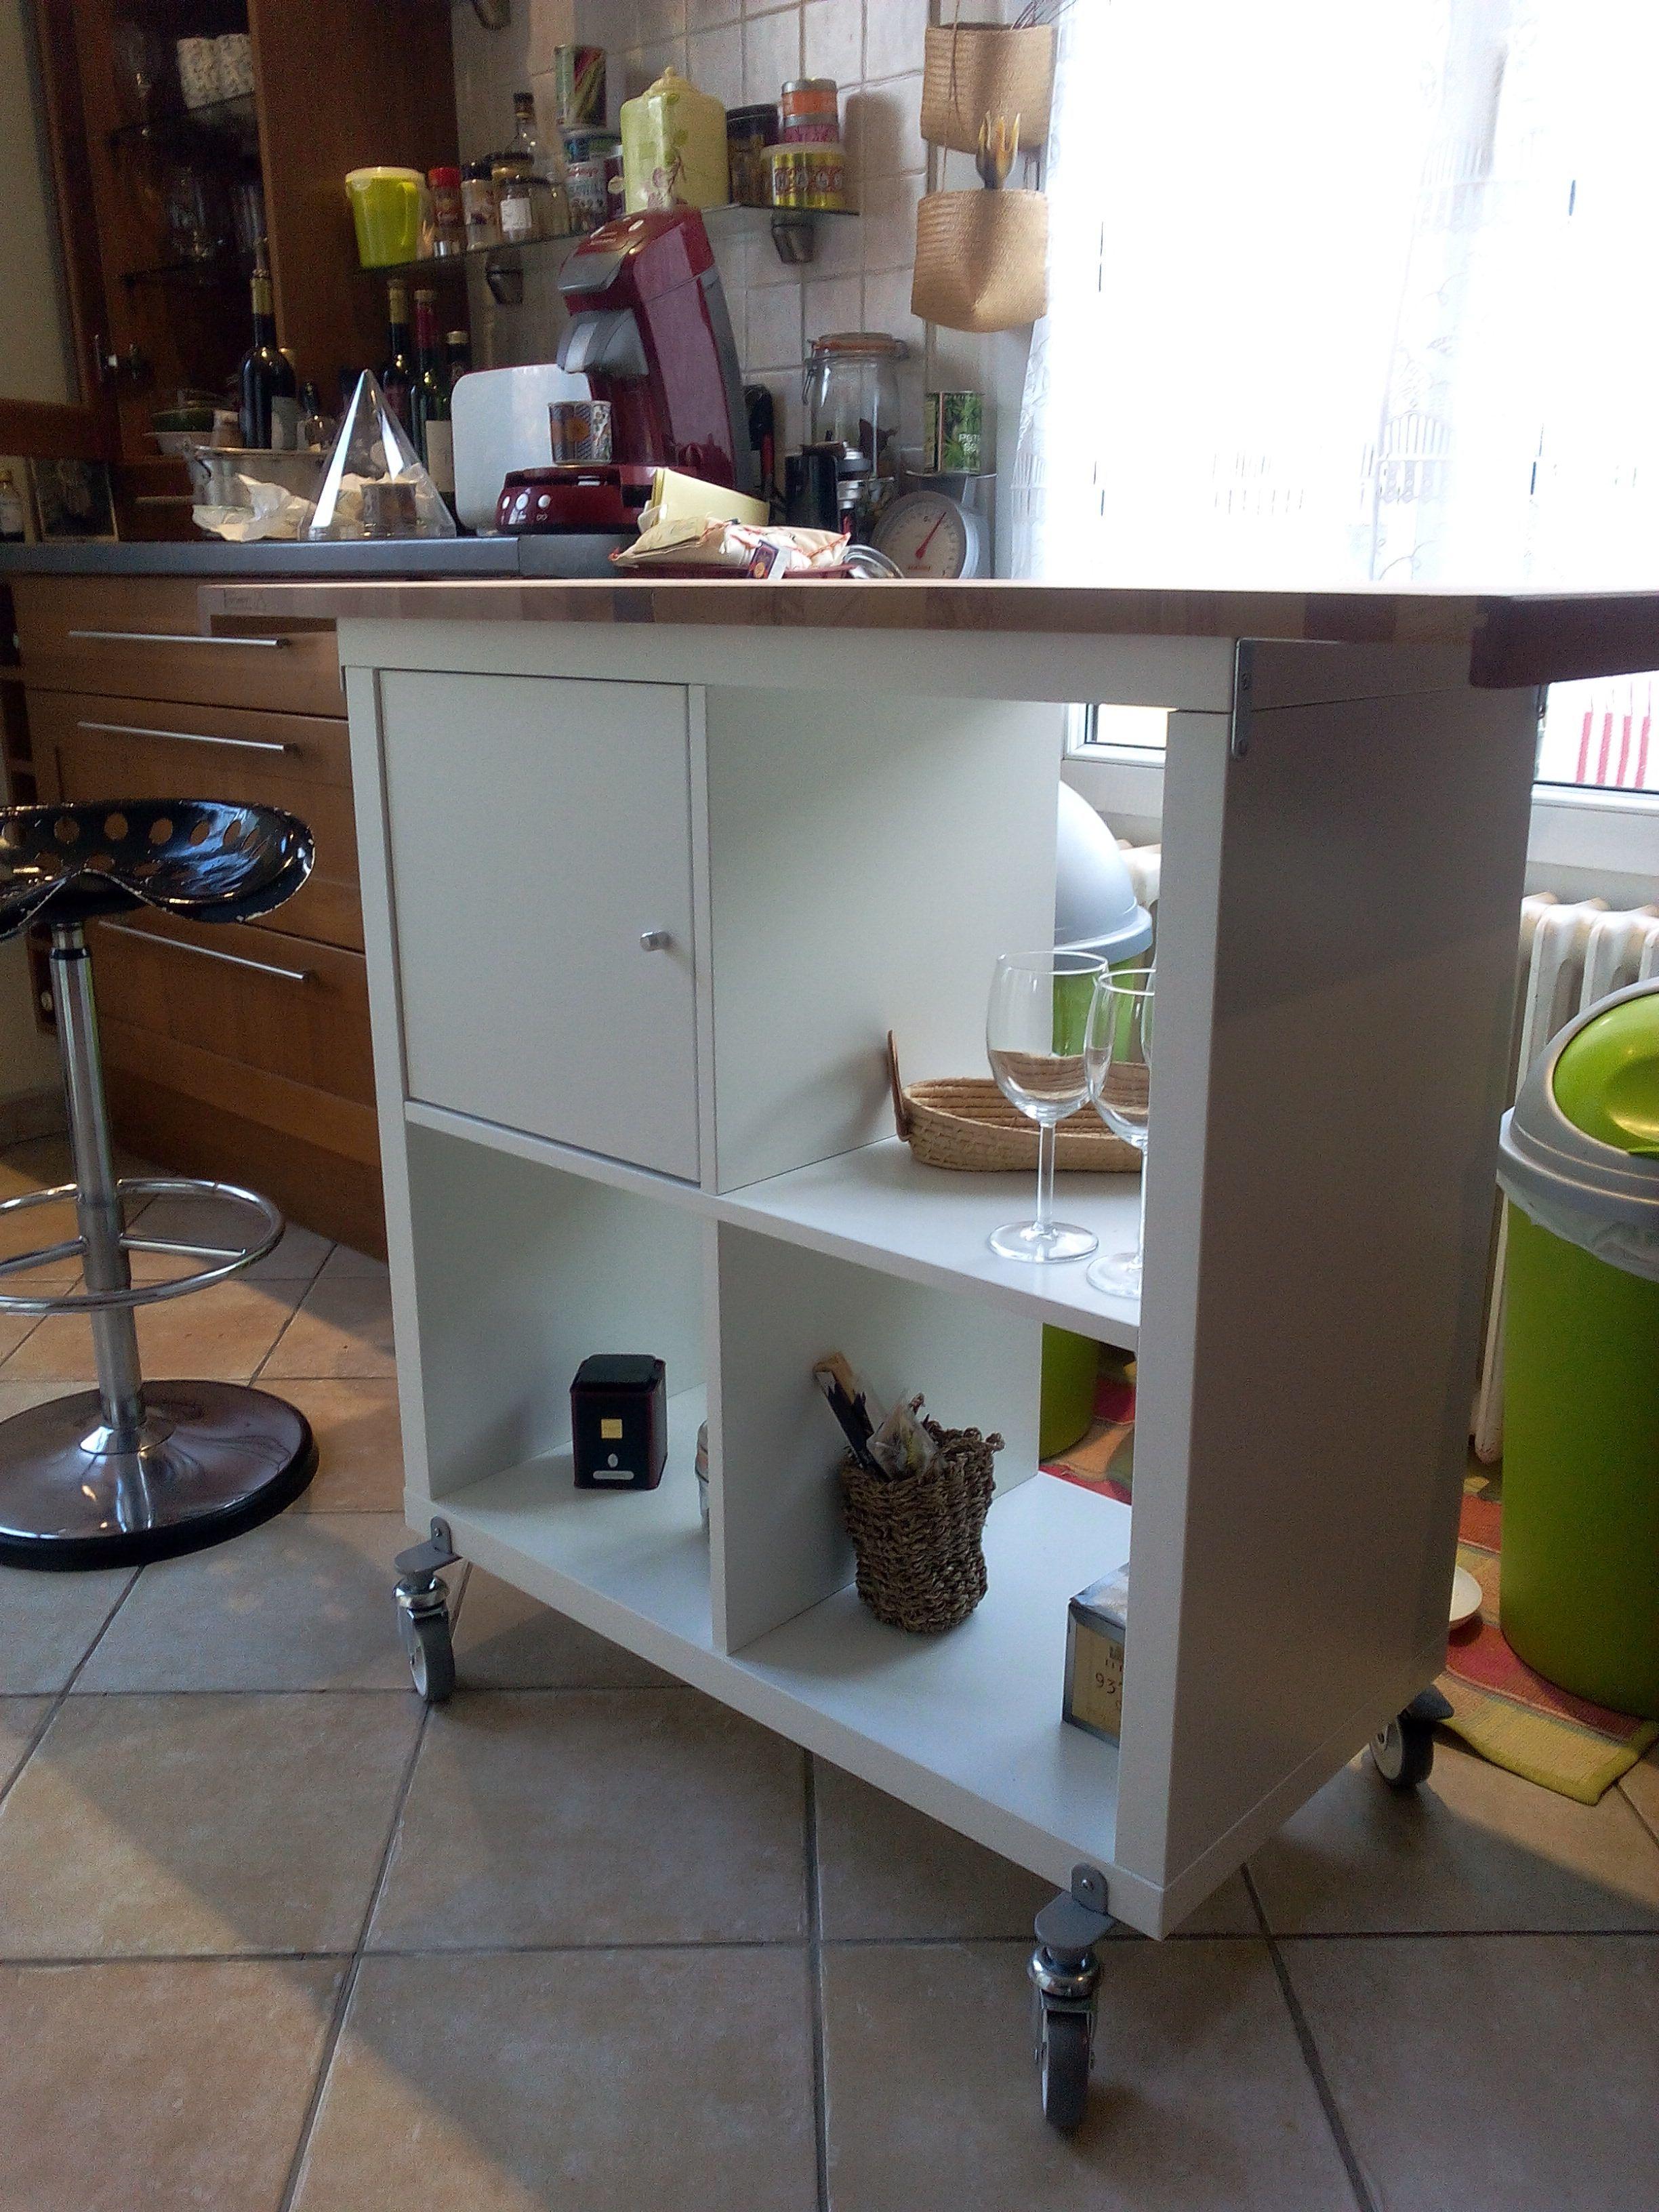 Diy petit lot de cuisine r alis avec 2 planches d couper un meuble ik a 39 et 4 roues - Petit meuble cuisine ikea ...